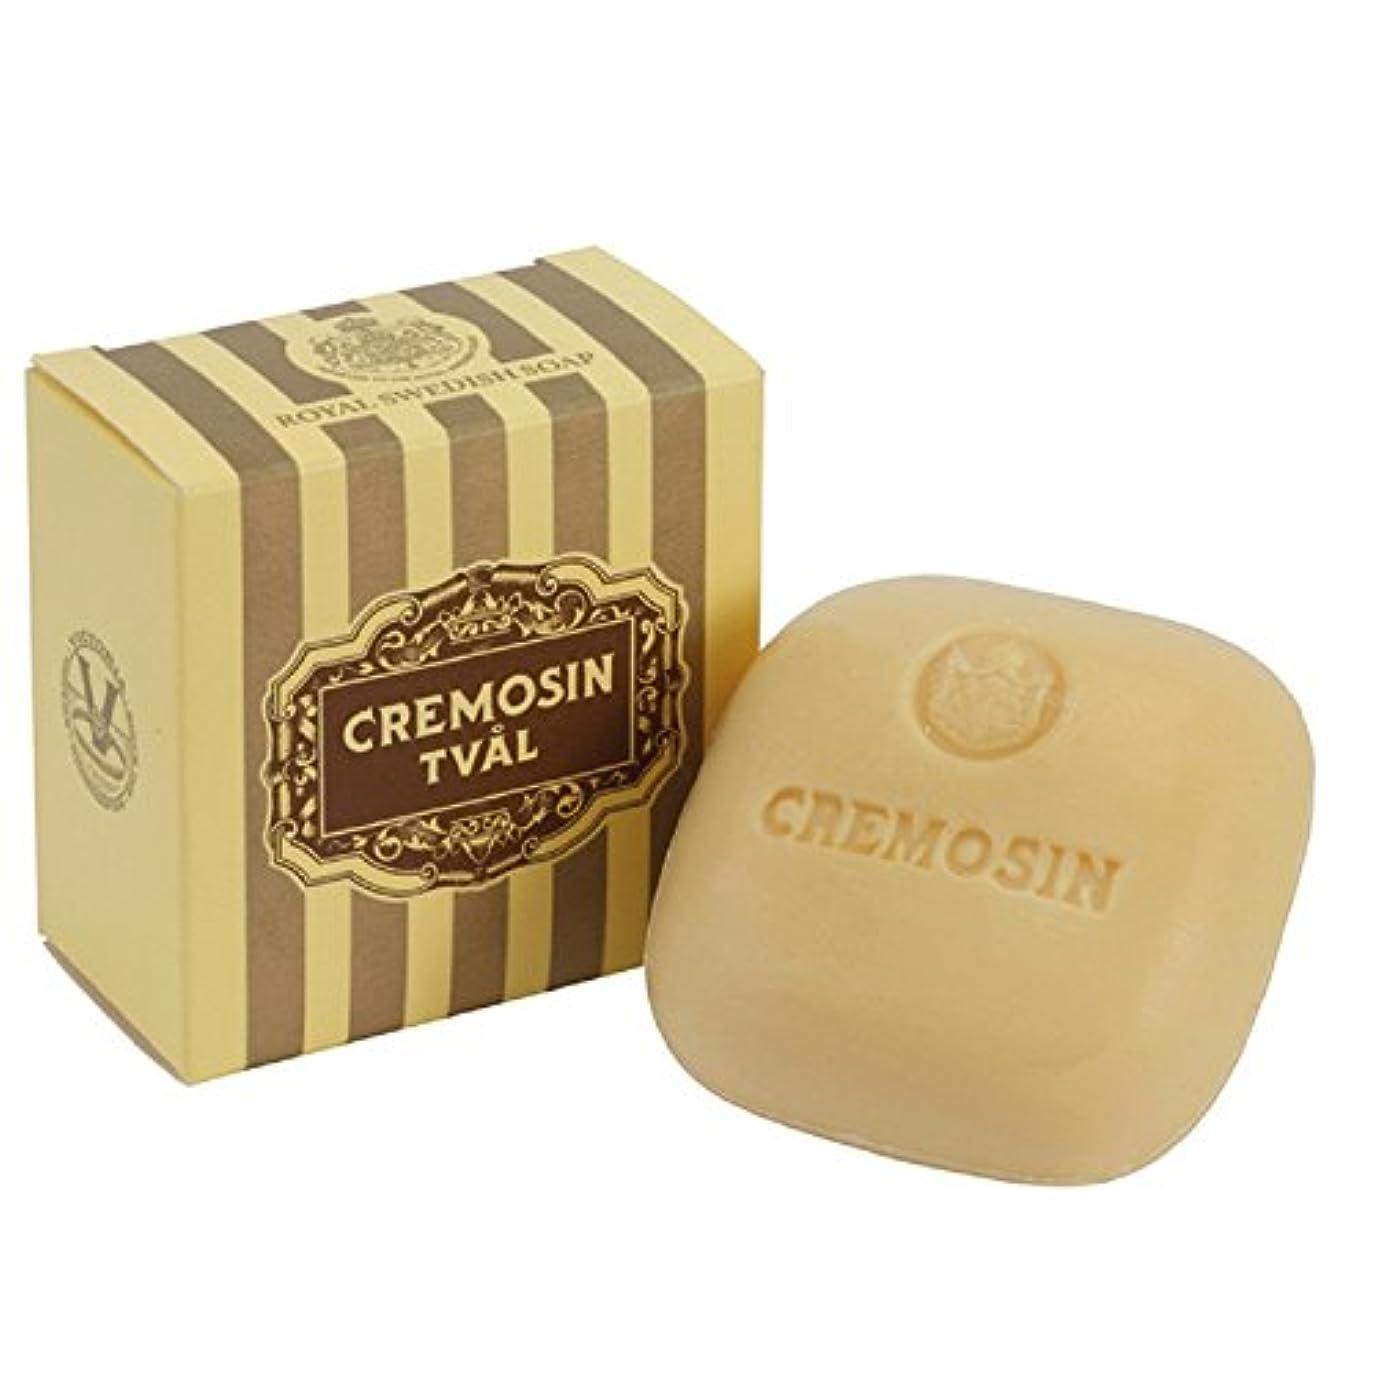 地中海酸化物破壊するVictoria Royal Swedish Cremosin Soap 95g ヴィクトリア クレモシンソープ 95g